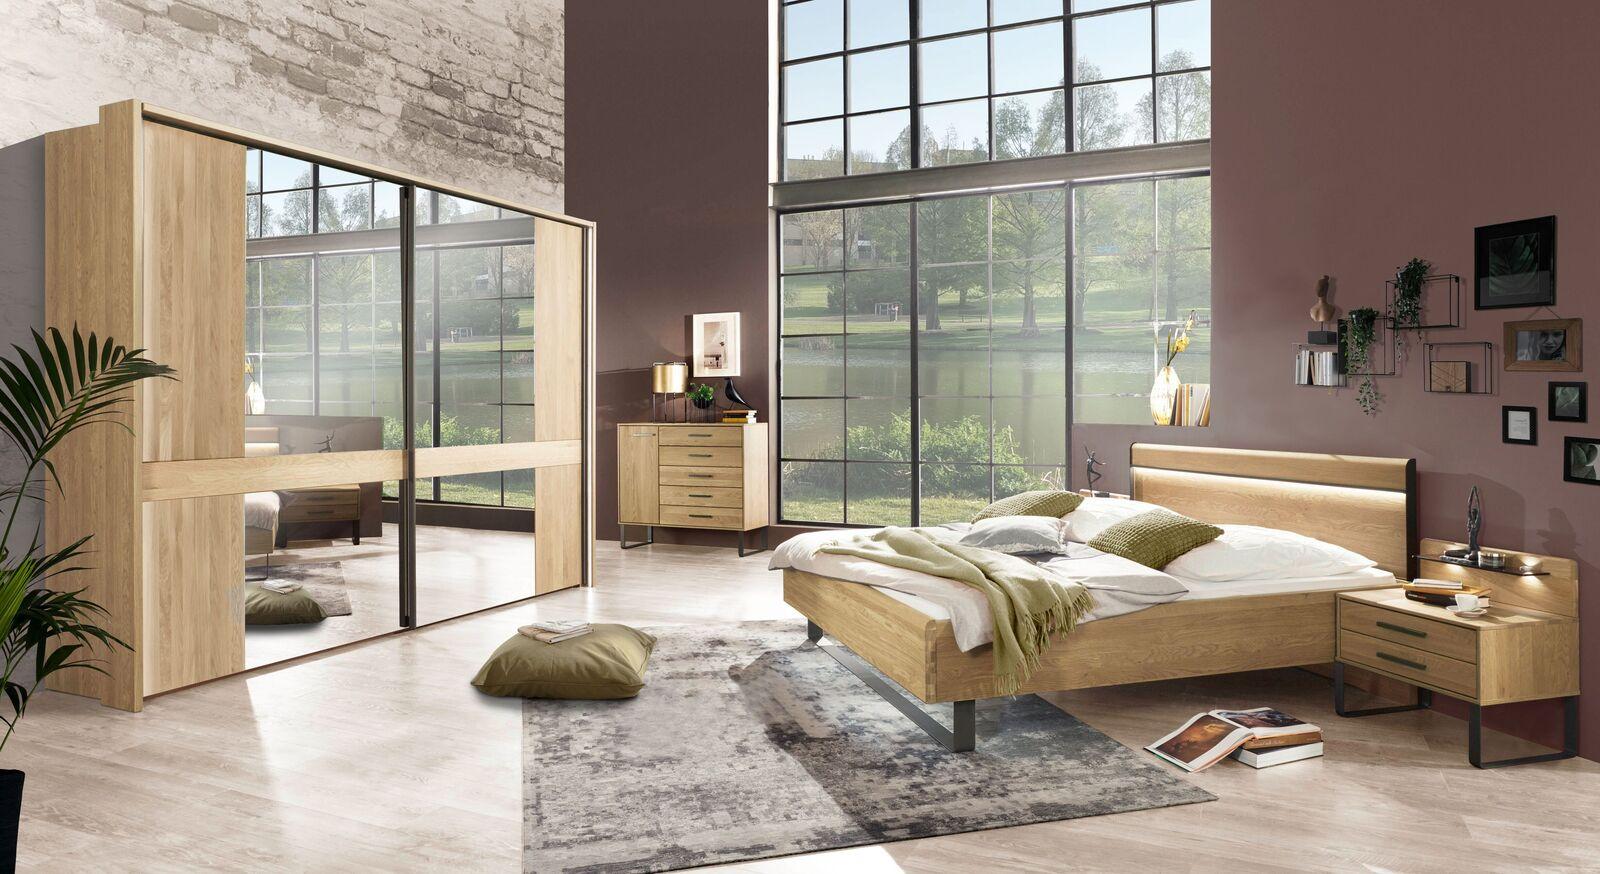 Komplett-Schlafzimmer Vitora hochwertig in Eiche teilmassiv